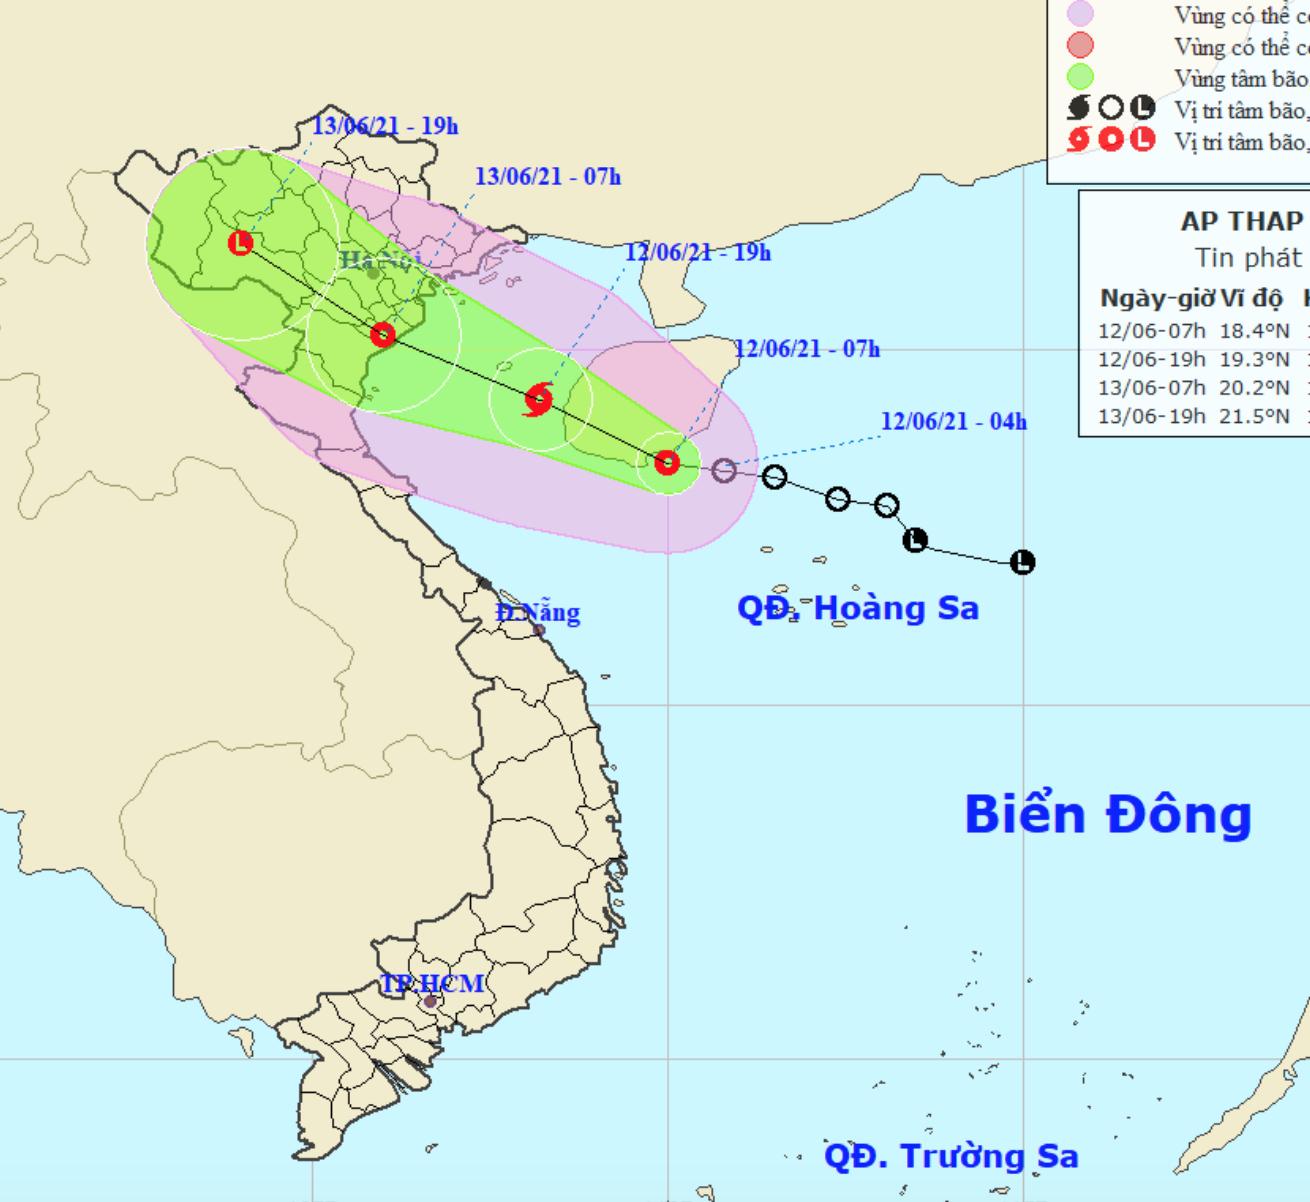 Áp thấp nhiệt đới khả năng thành bão đổ bộ sáng mai, Hà Nội mưa rất to và ngập úng